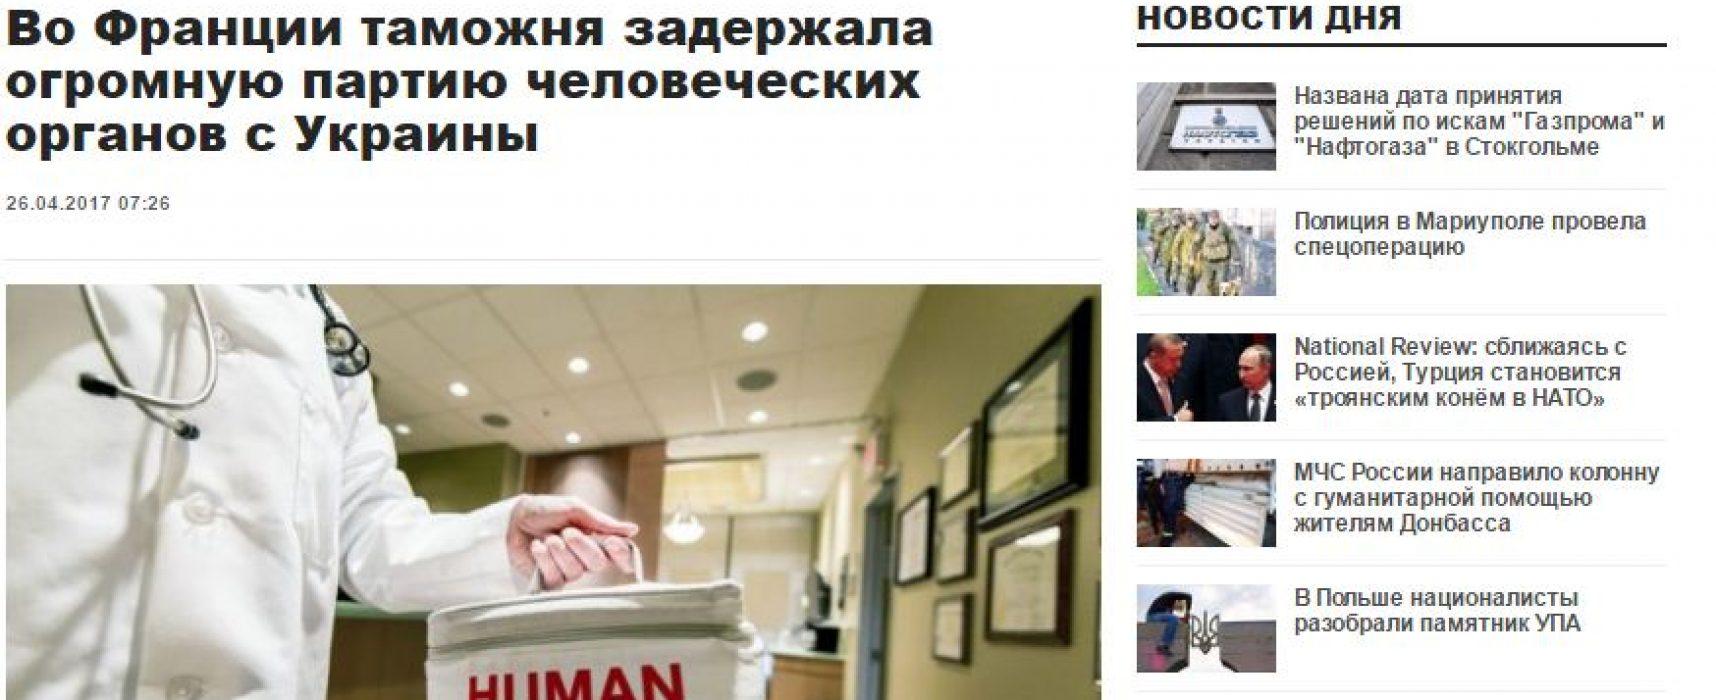 Fake: La douane française a saisi des organes humains en provenance d'Ukraine